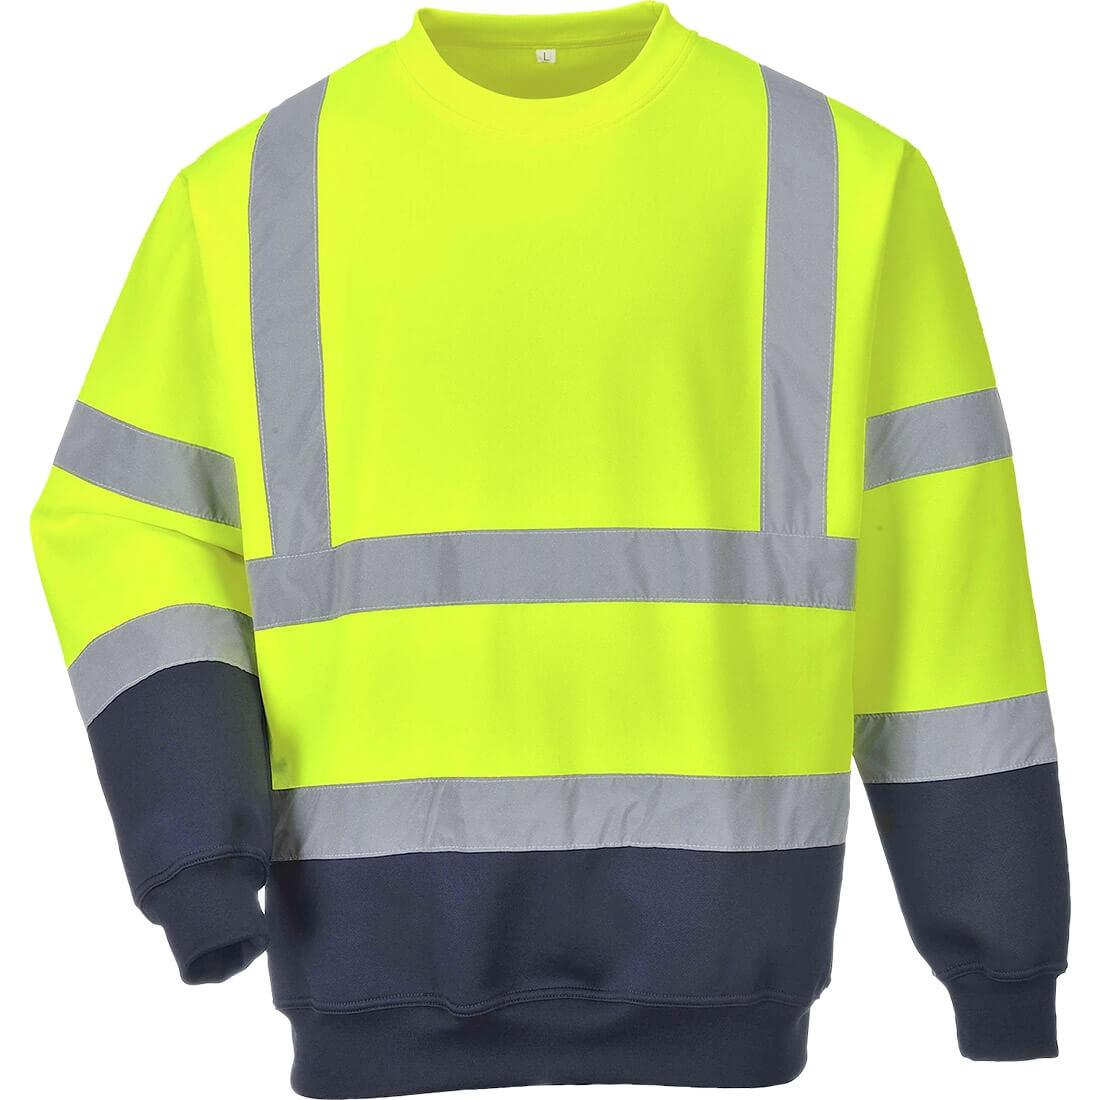 Bluzon Bicolor HiVis - Imbracaminte de protectie